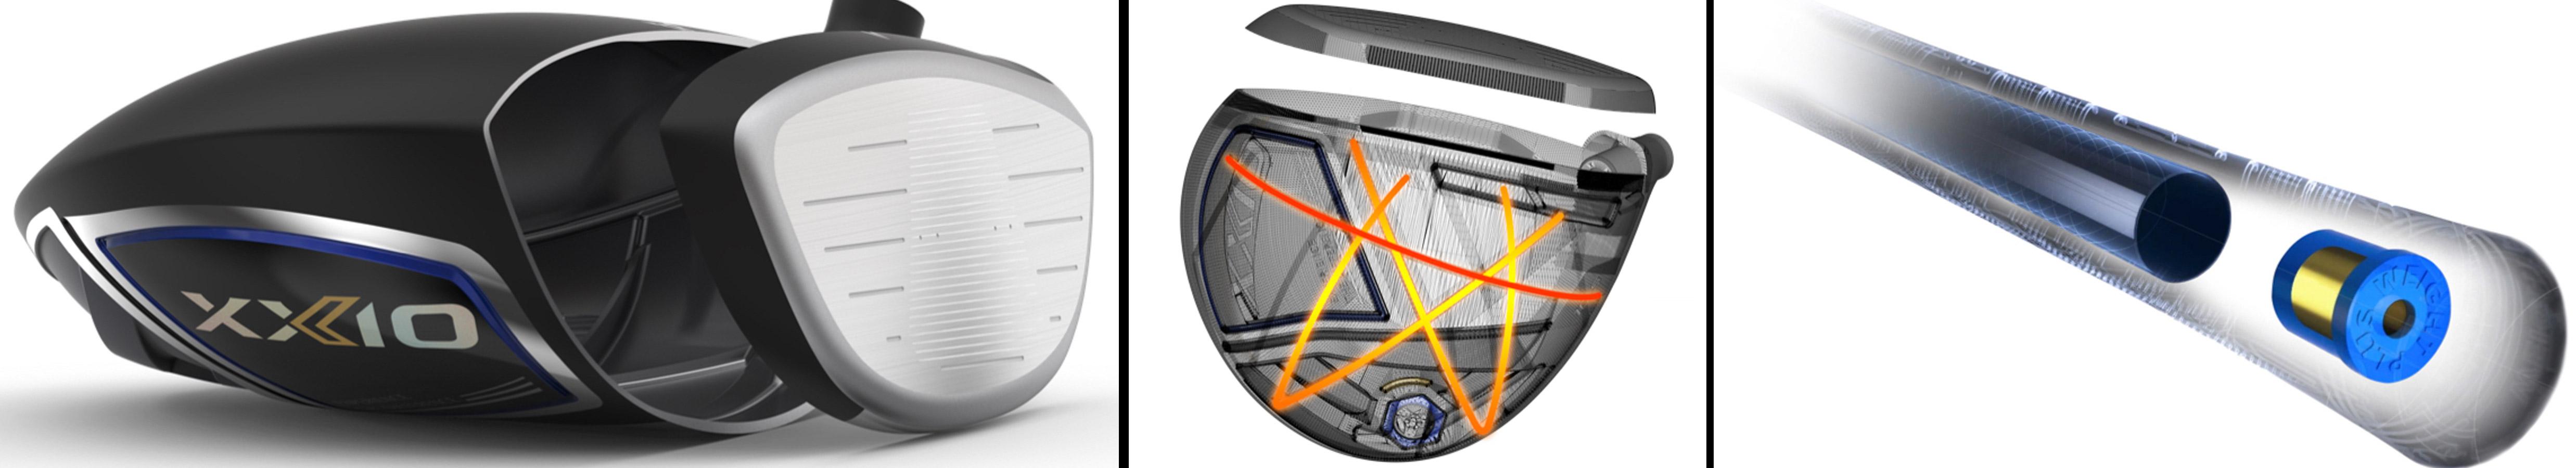 Driver Eleven XXIO Golf